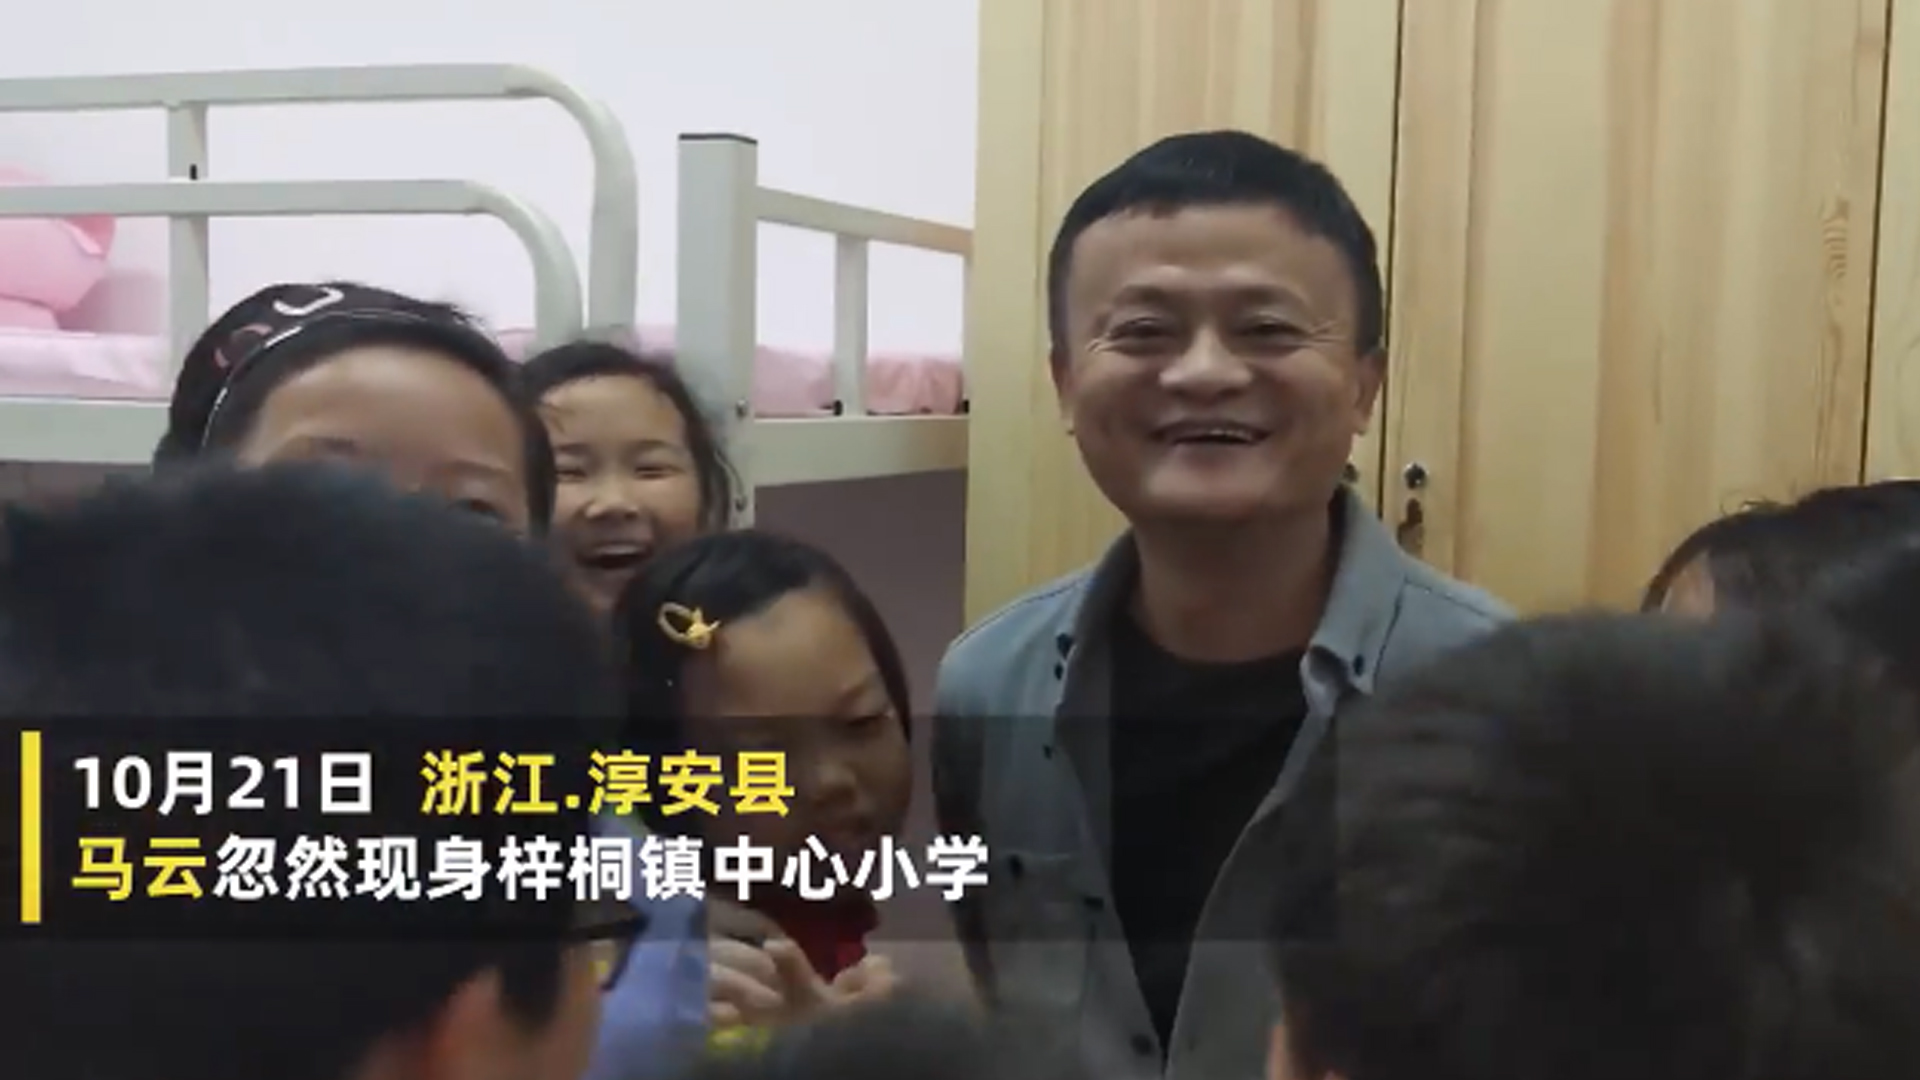 乌镇互联网大会后第一件事,马云现身乡村寄宿学校